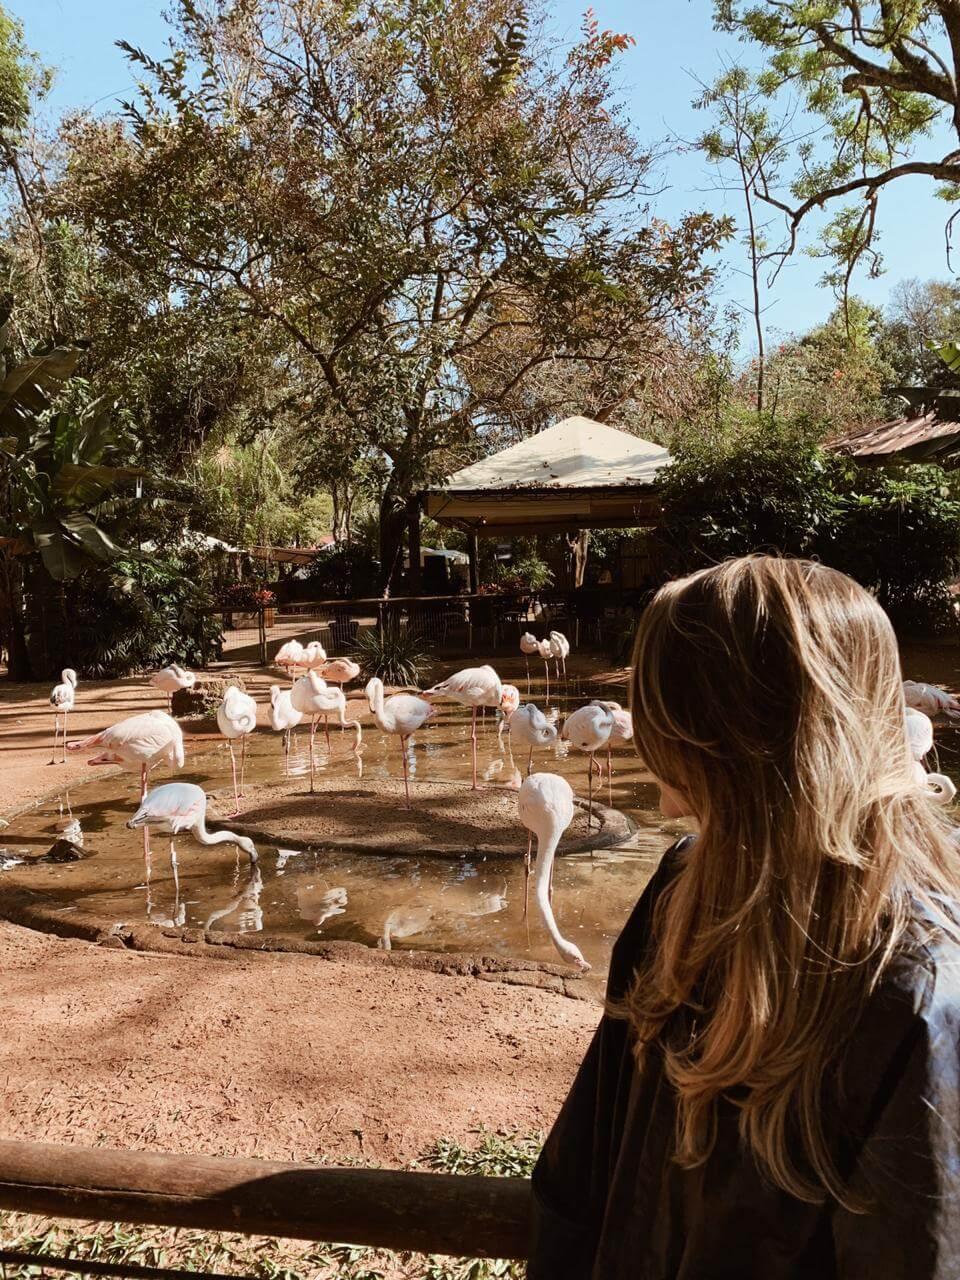 Manuela Brasão no Parque das Aves em Foz do Iguaçu com flamingos do parque ao fundo.